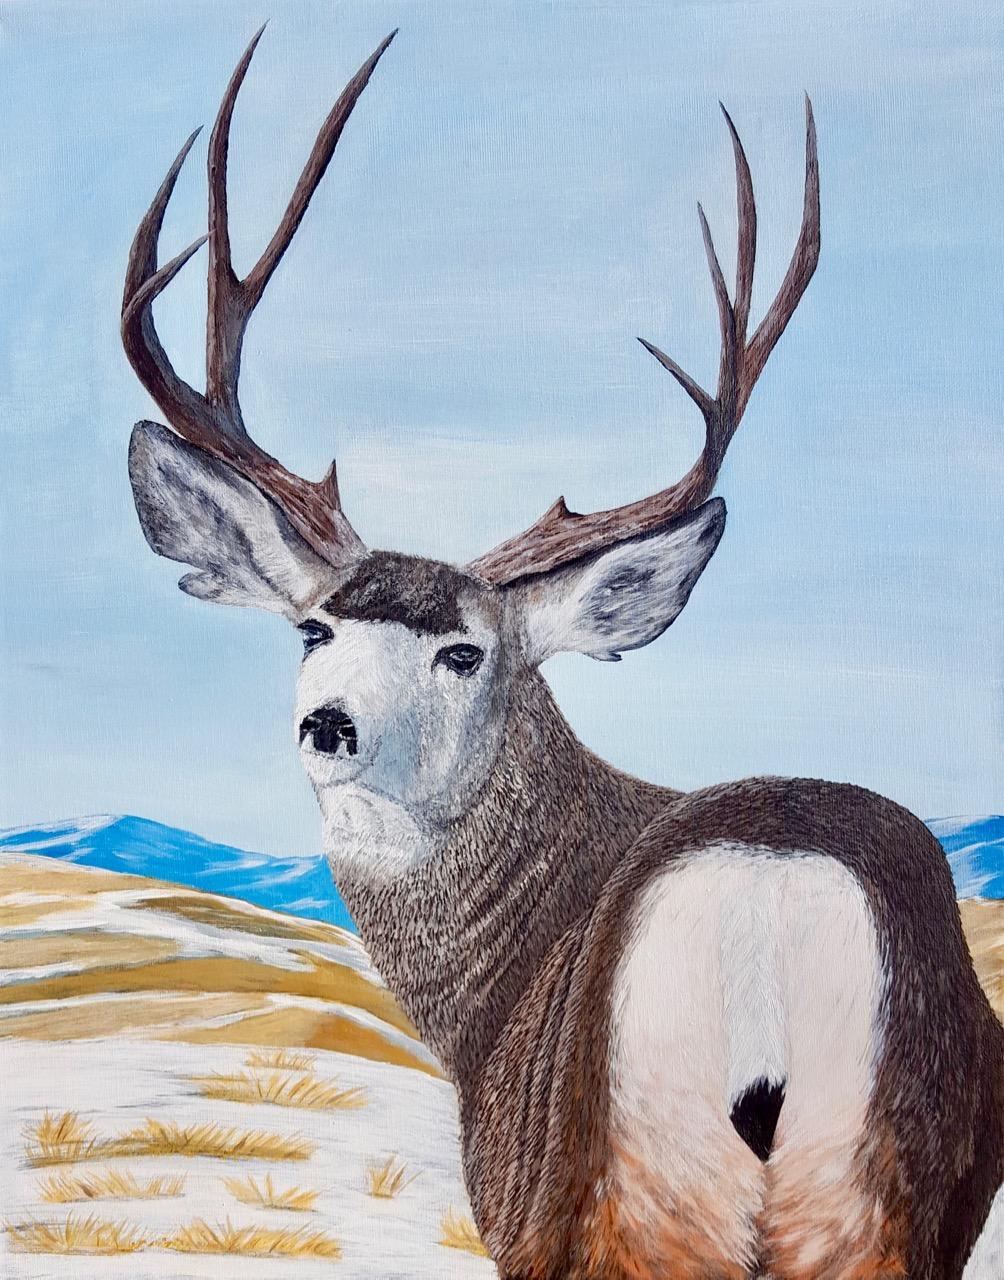 Mule+Deer+in+the+Prairies+-+Brian+Sloan+Artist